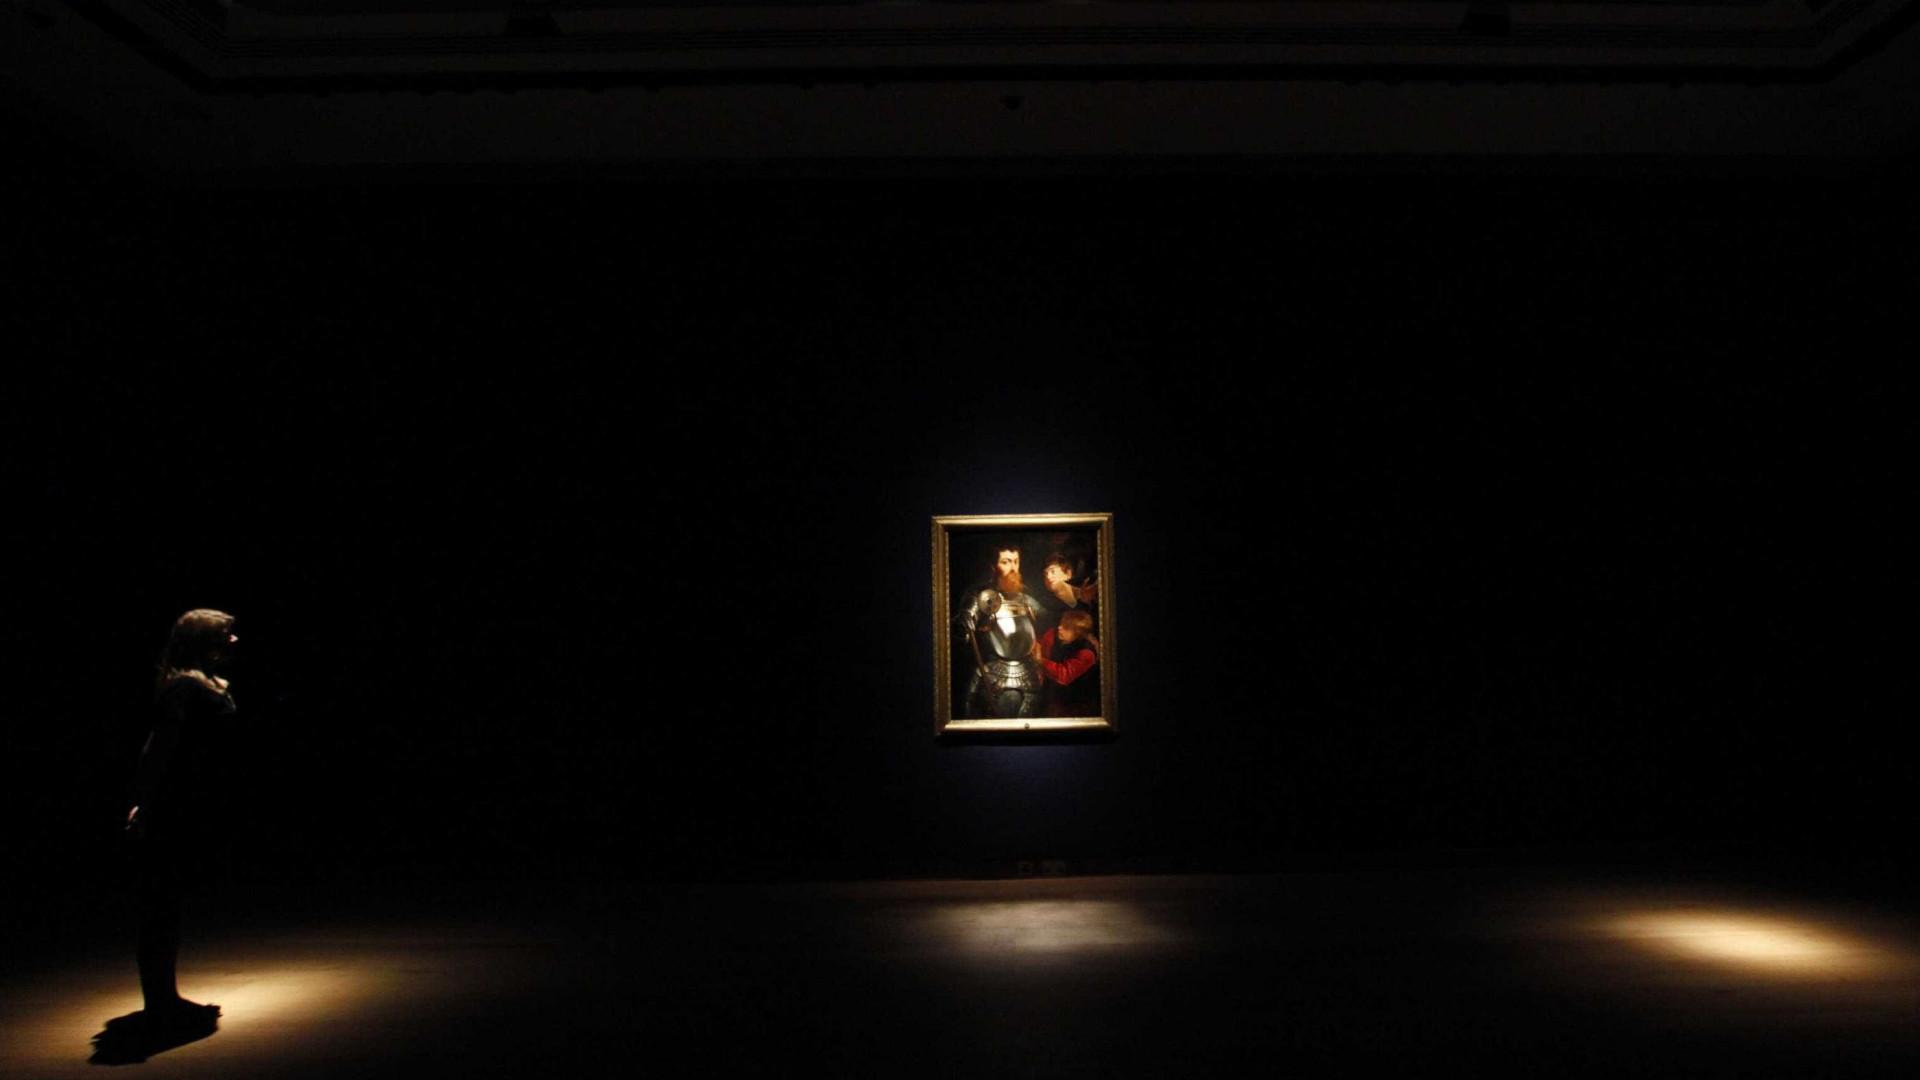 Museu francês descobre que mais da metade de acervo é falso